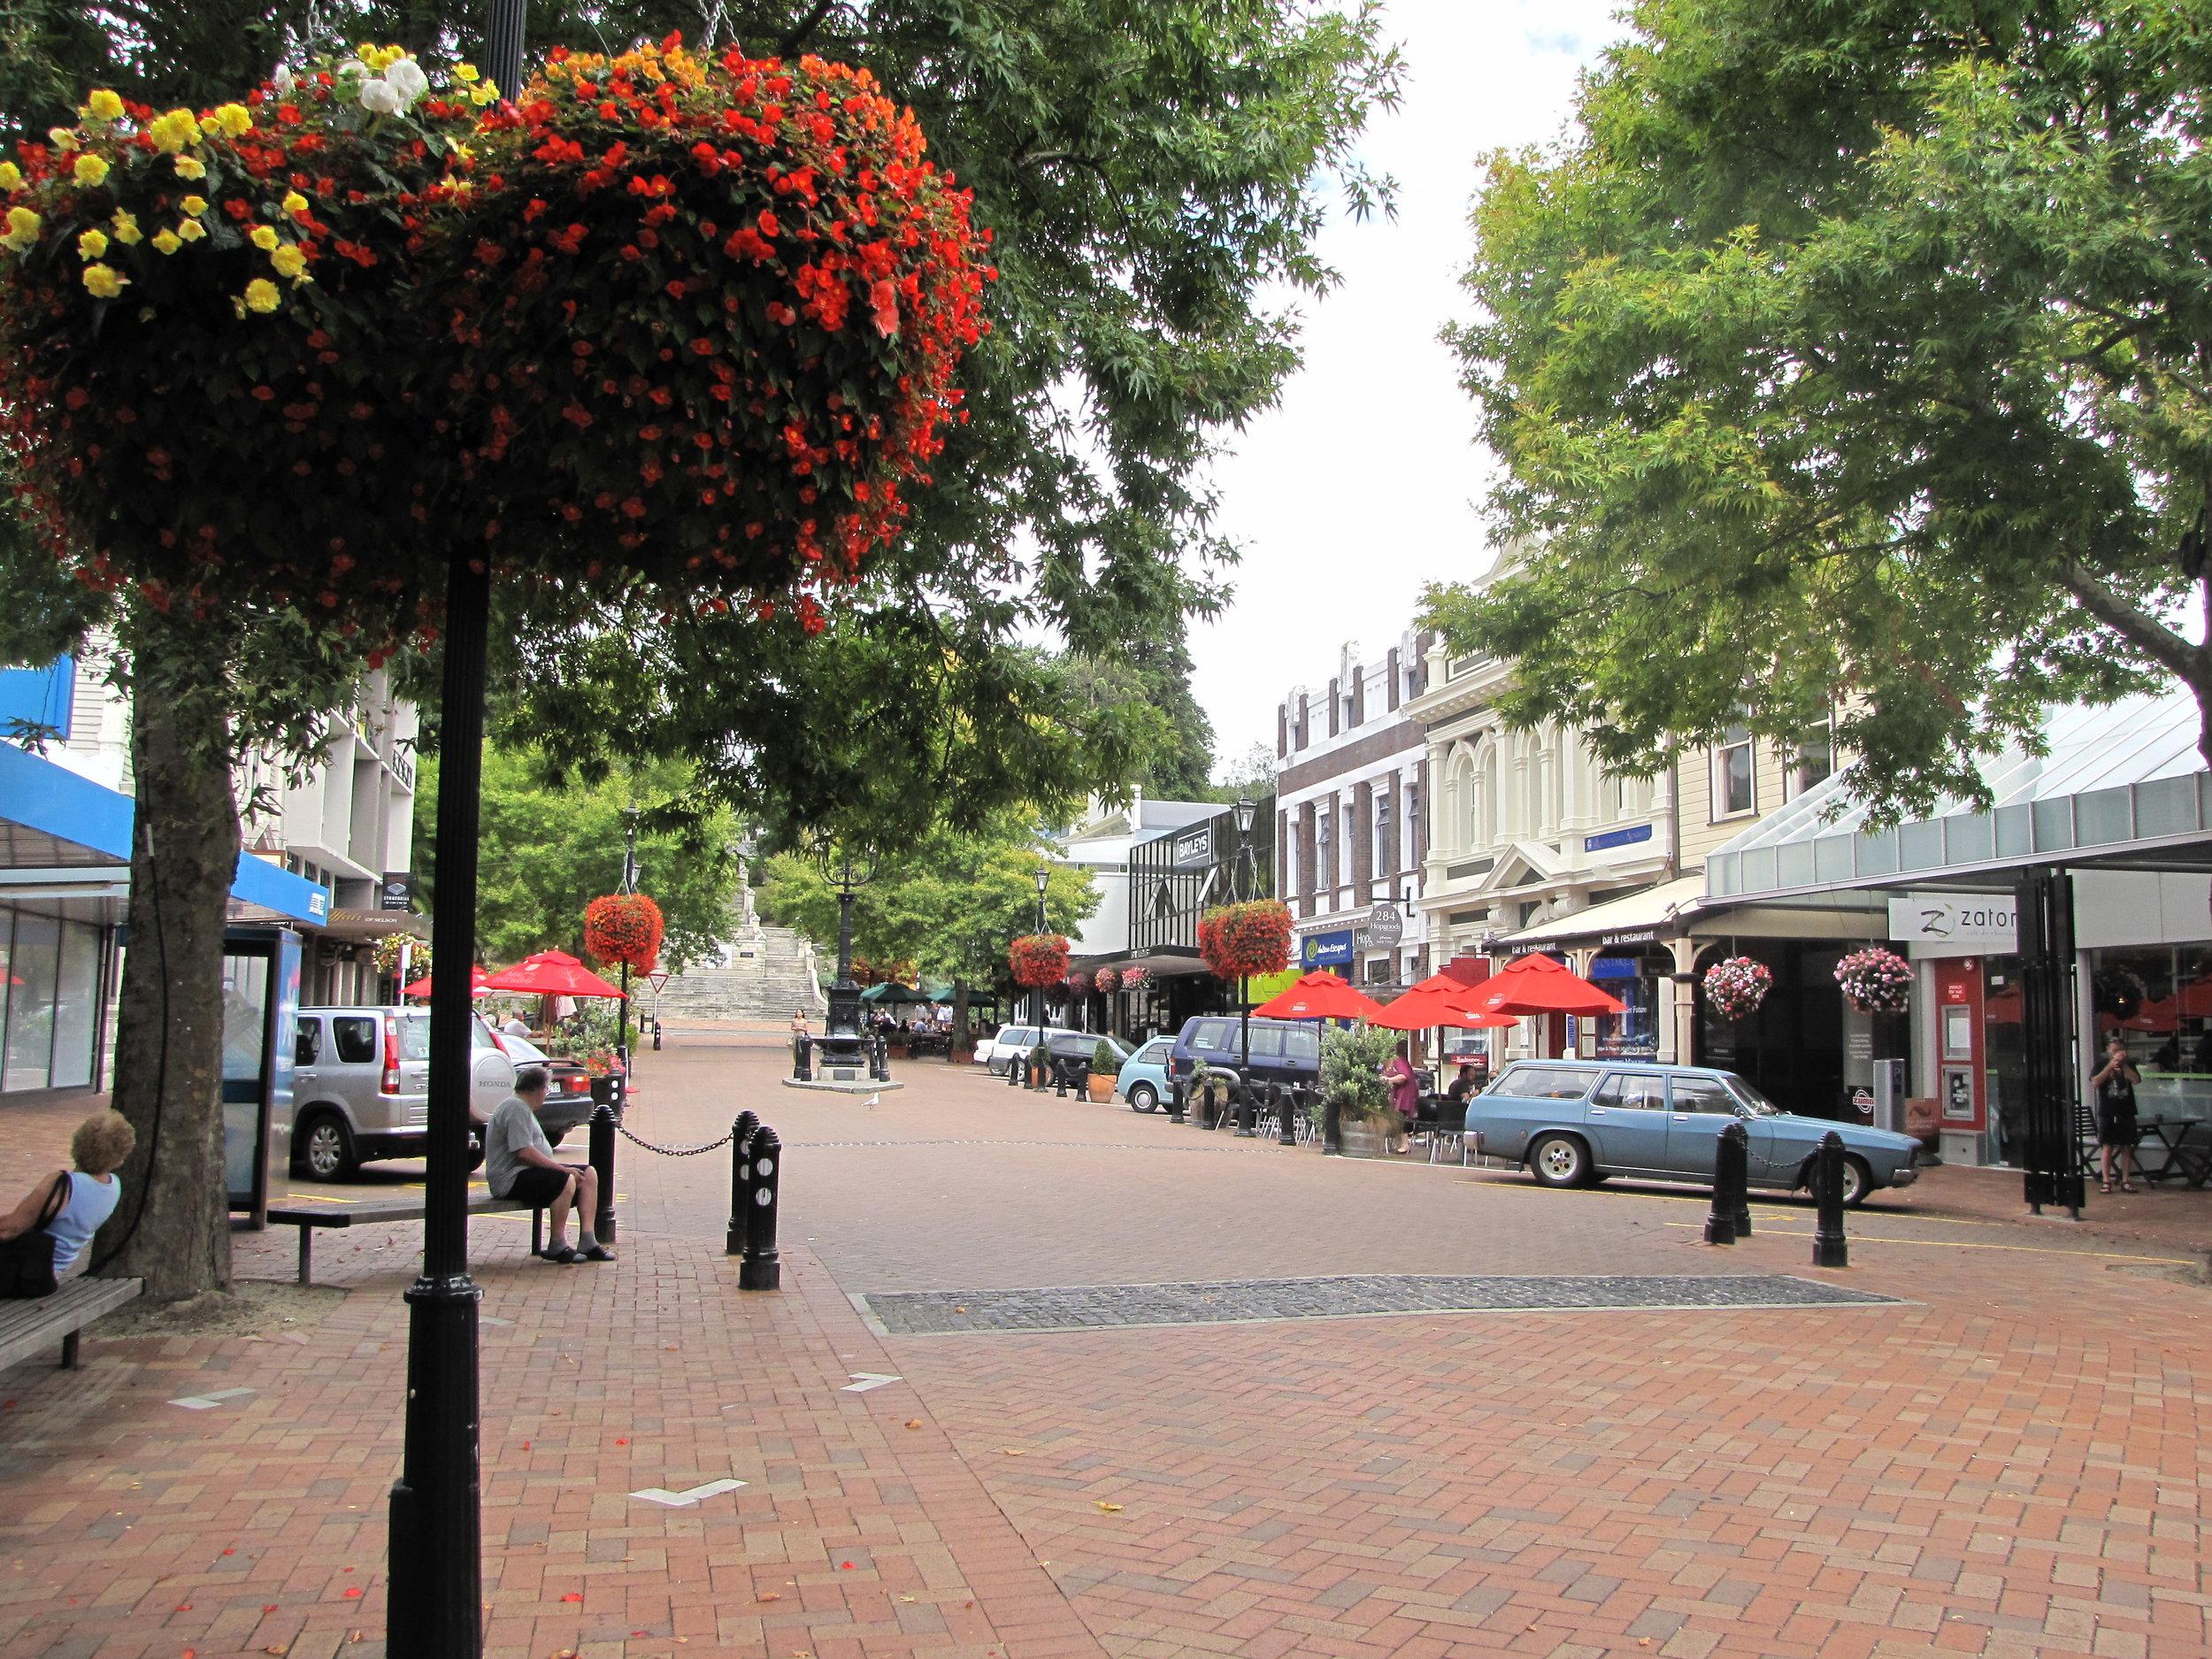 Trafalgar Street in downtown Nelson.